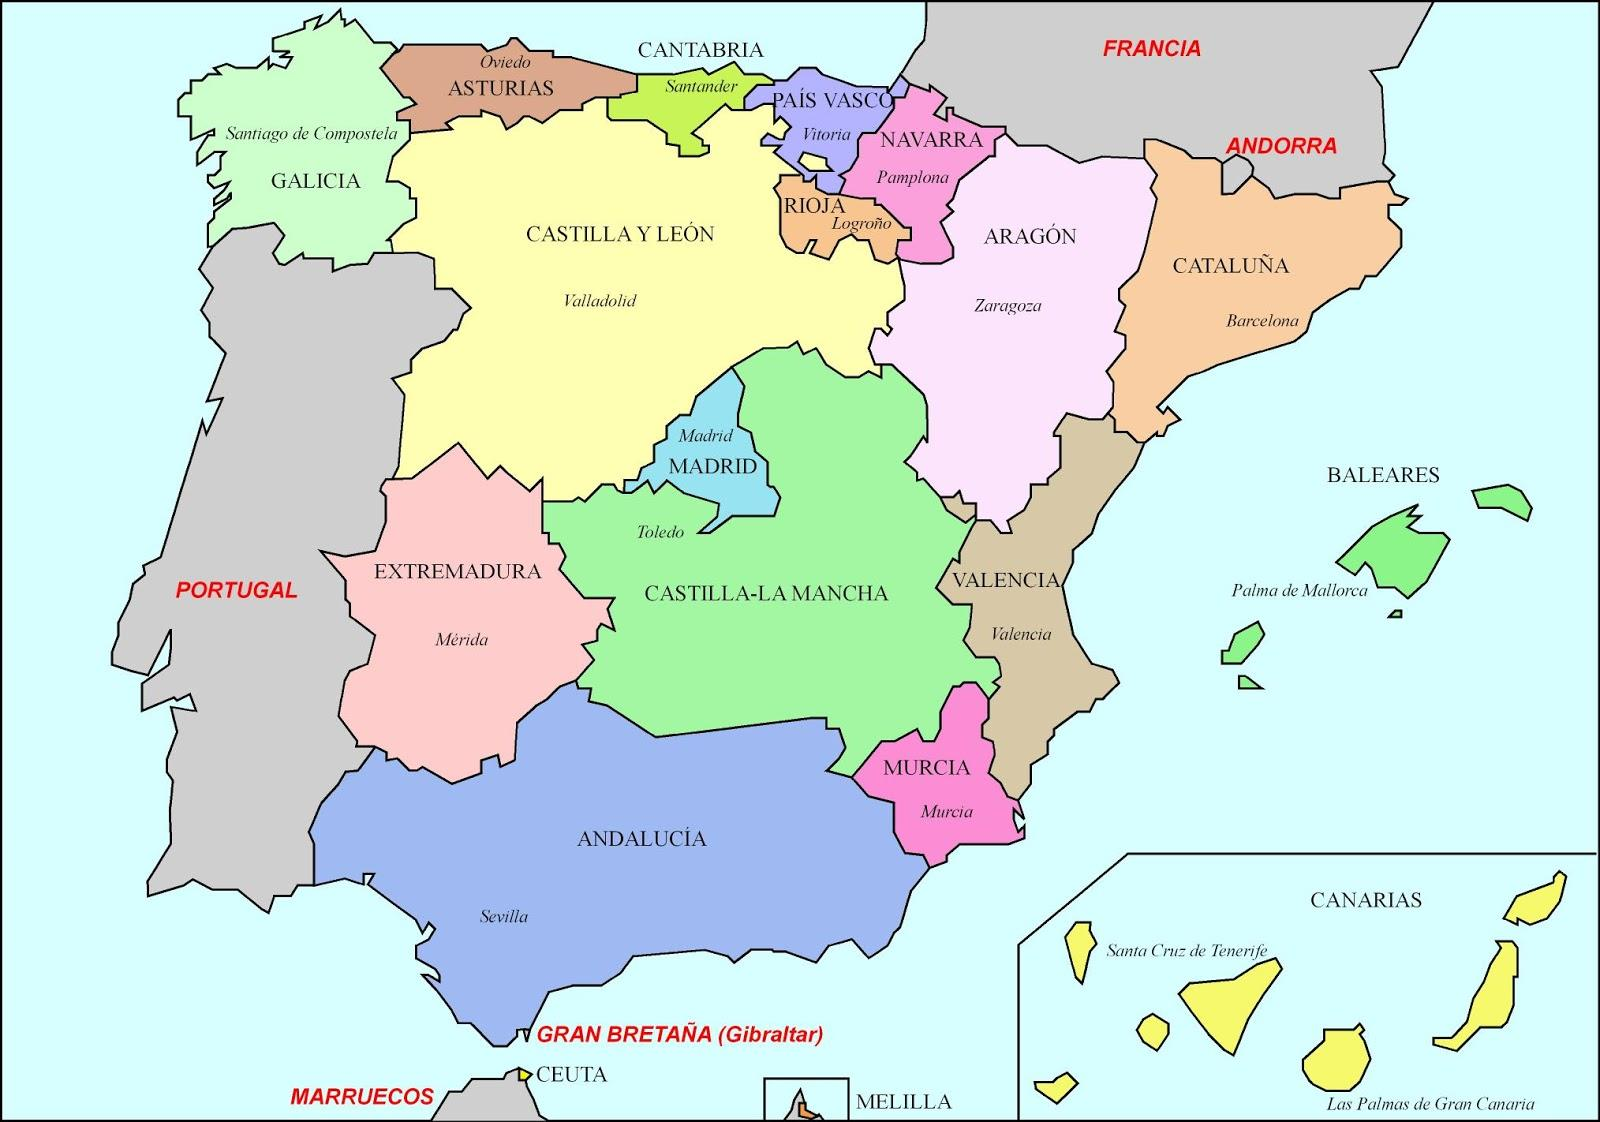 Keskiaikainen Espanjan Kartta Kartta Espanjan Keskiaikainen